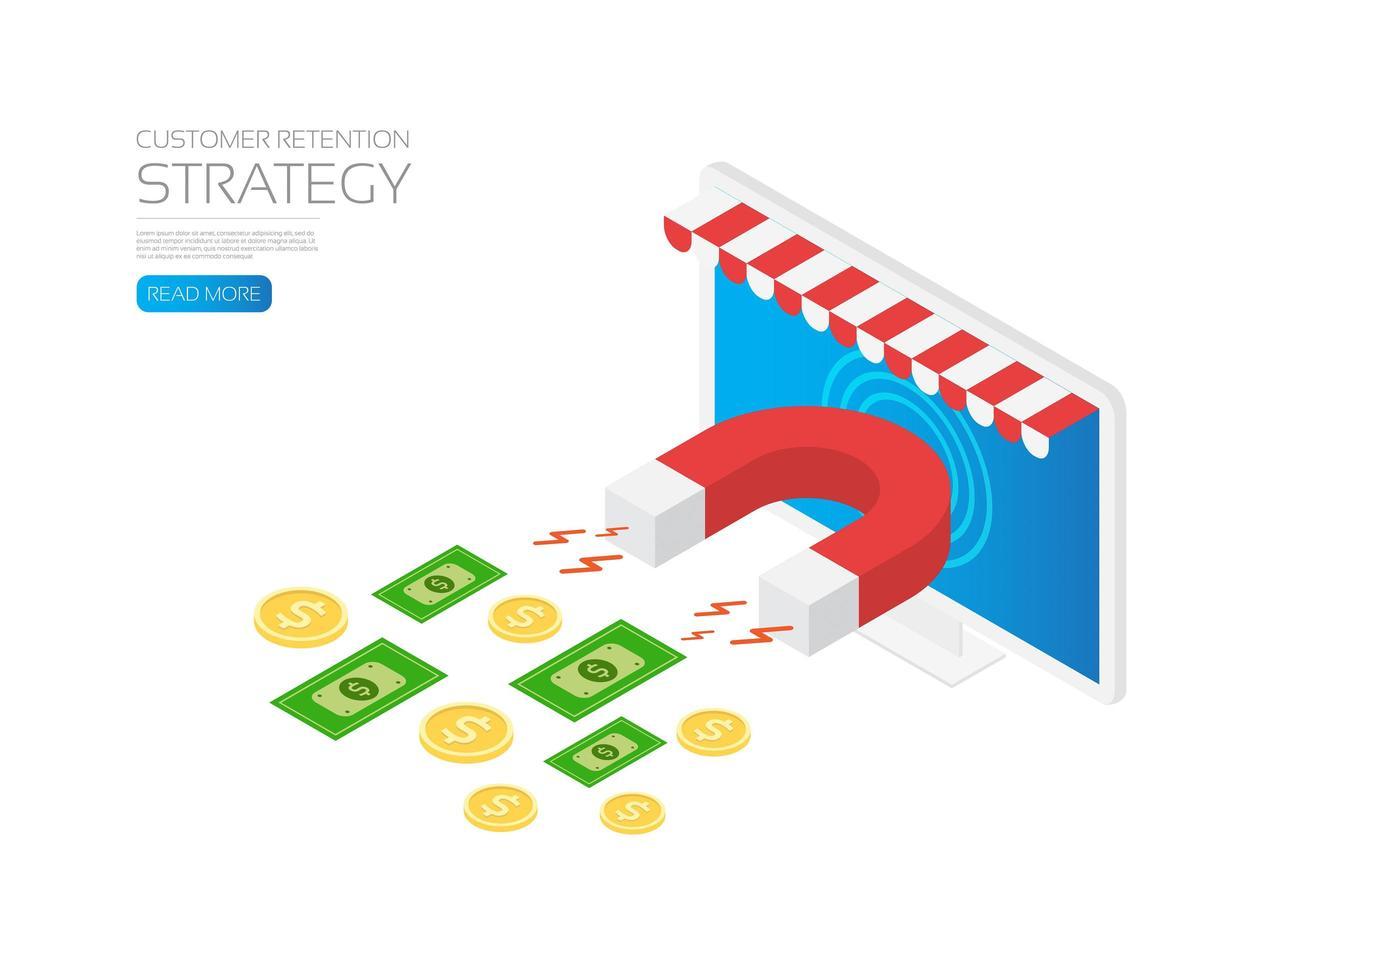 stratégie de fidélisation de la clientèle avec un aimant attirant de l'argent vecteur